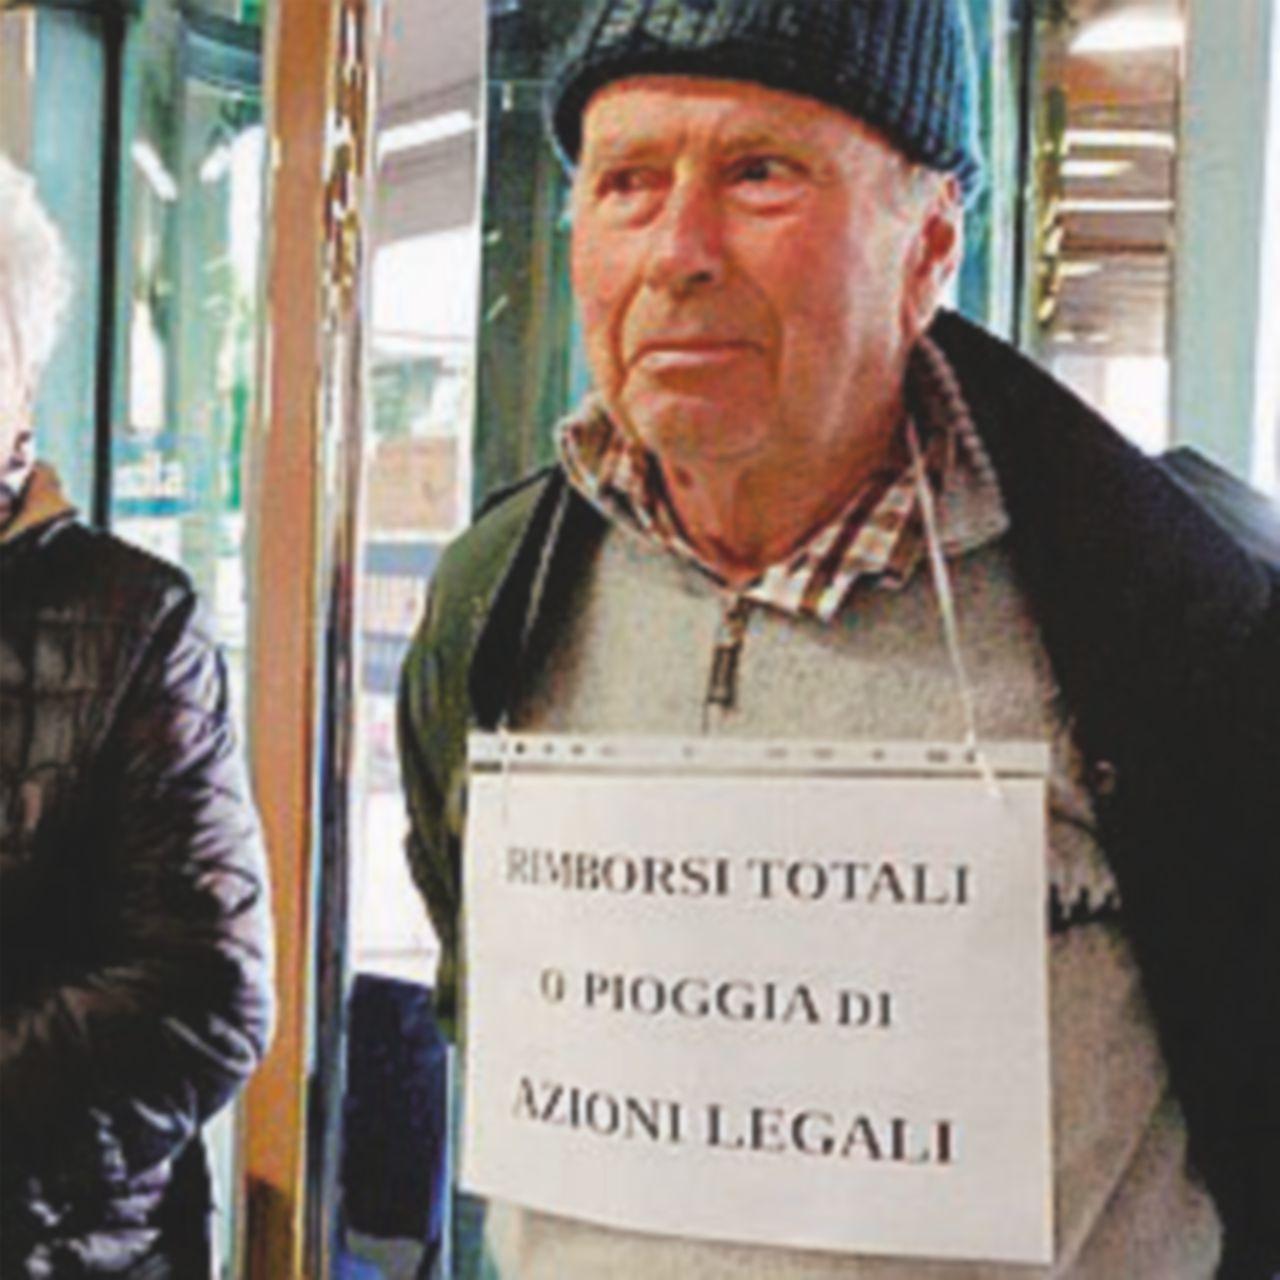 Etruria & C. Renzi insulta i vivi e pure il morto